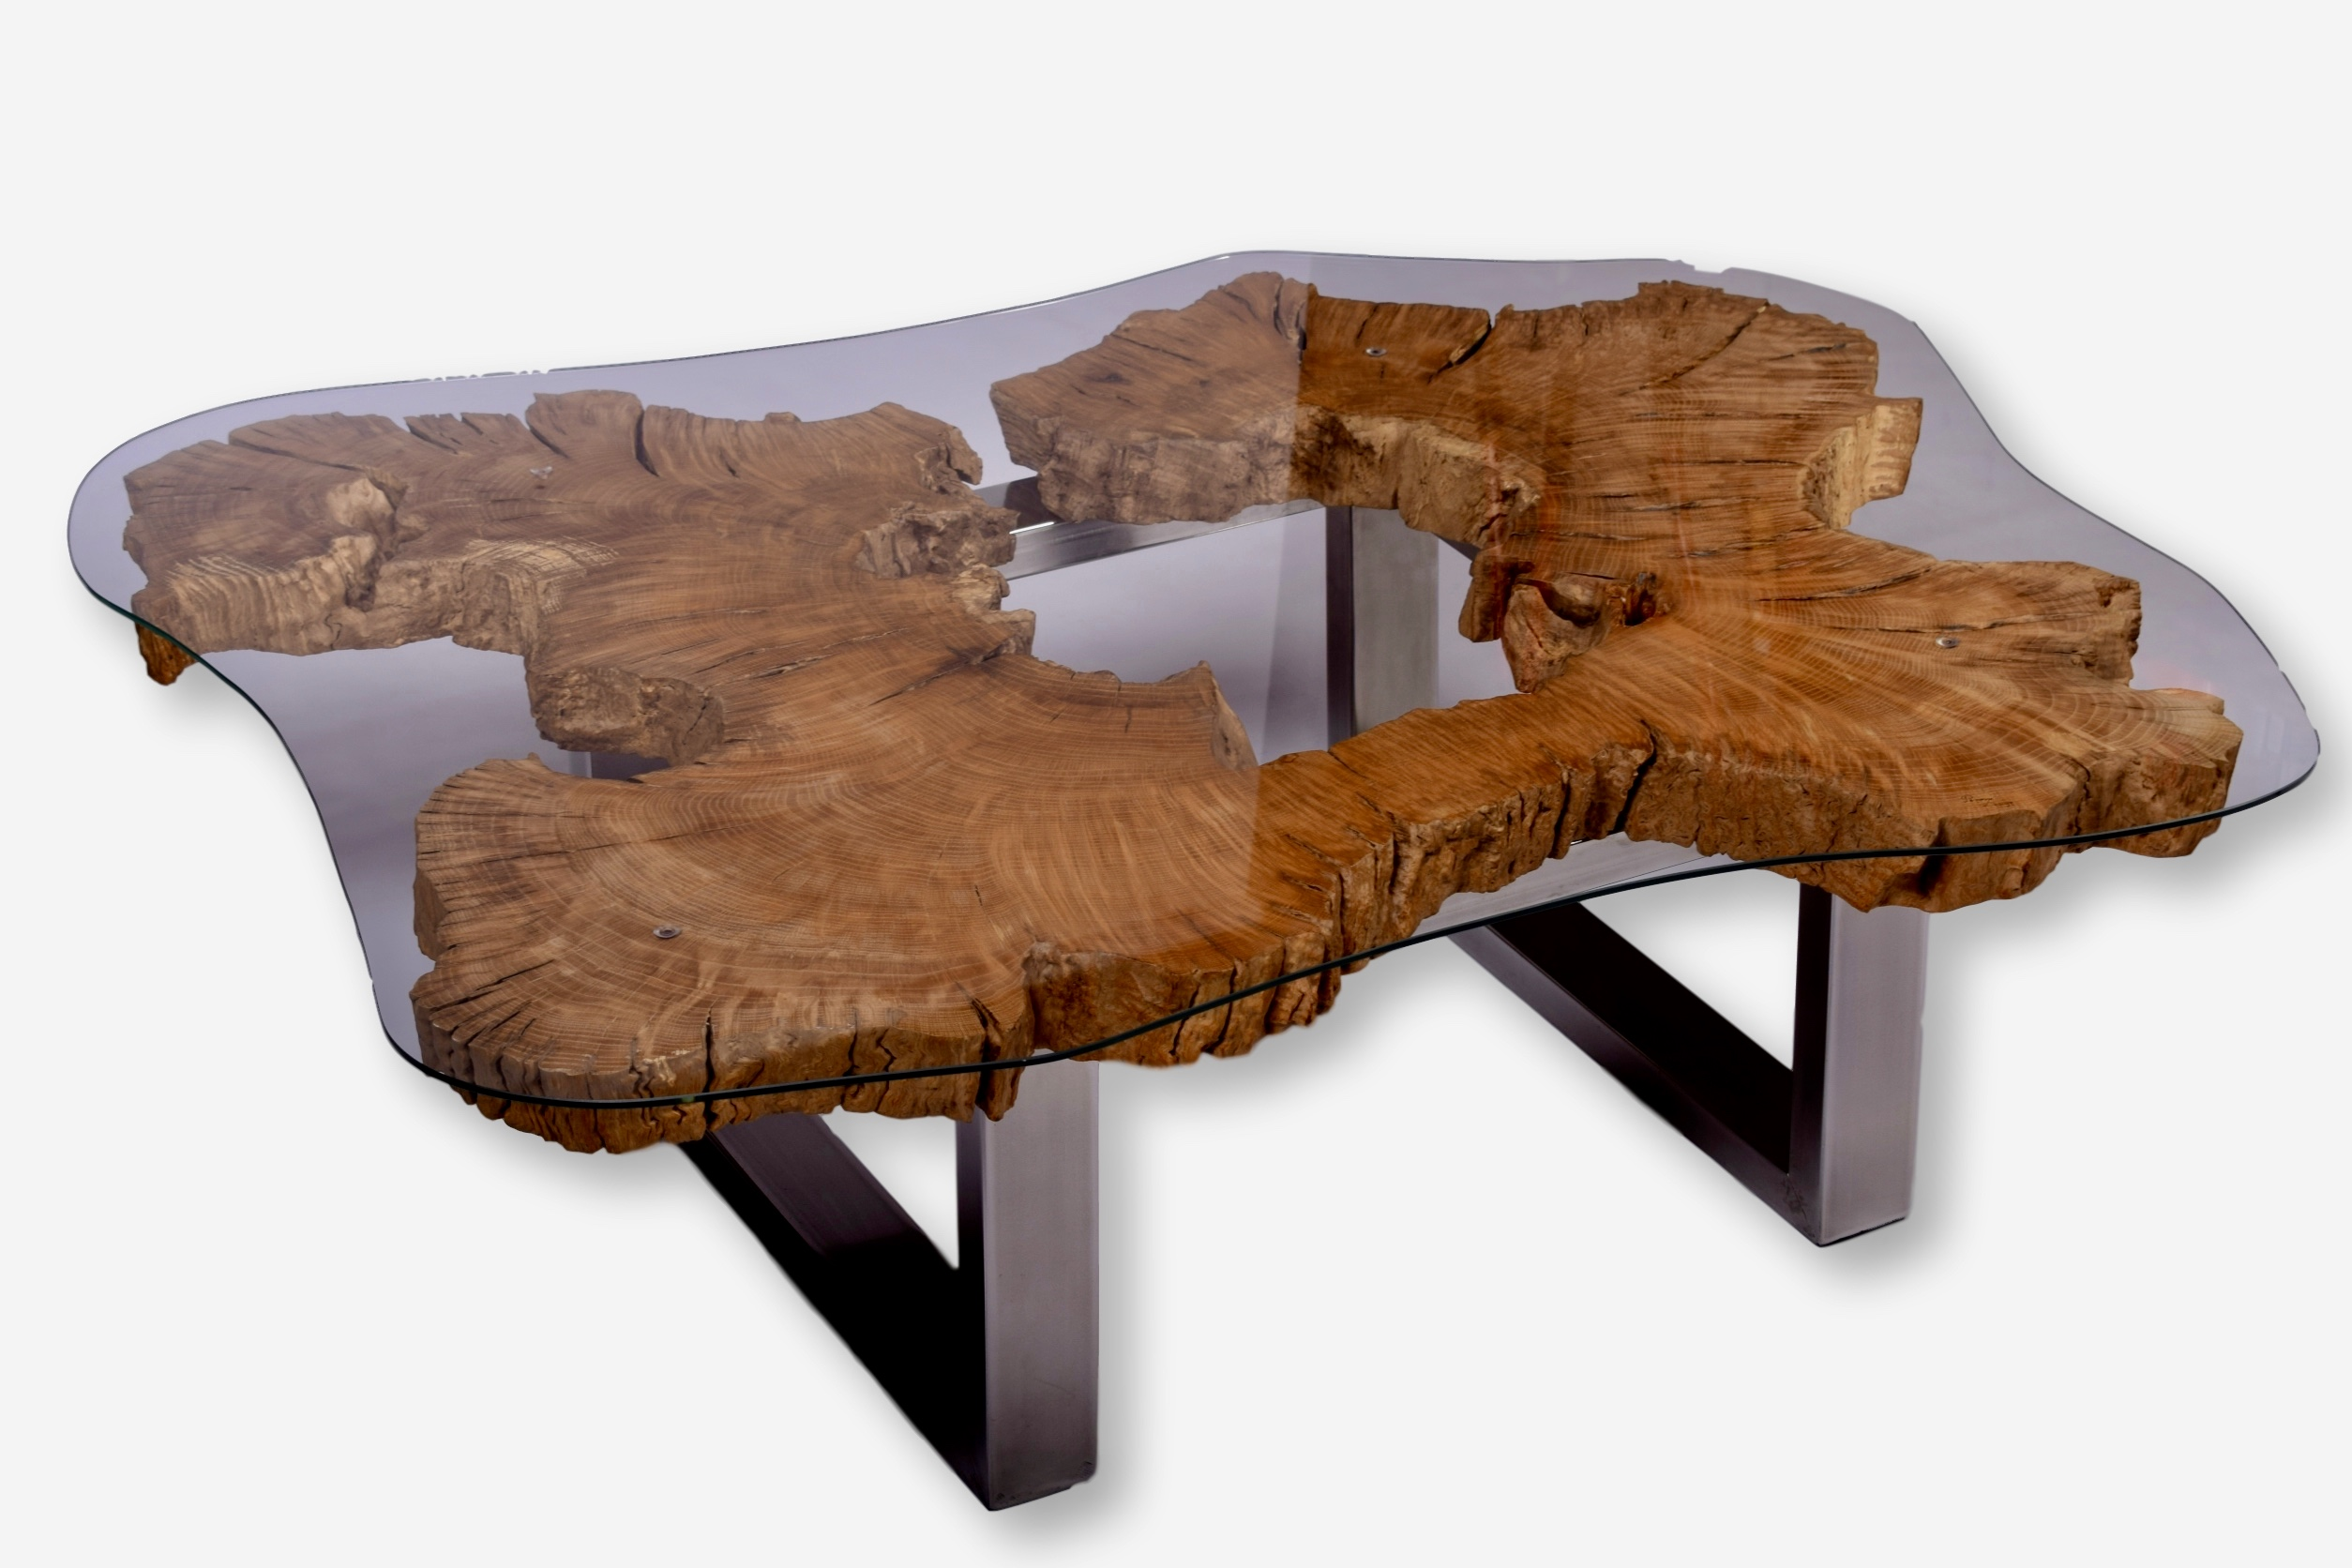 table basse tronc d arbre offre spciale tronc darbre de table basse dcoration table caf. Black Bedroom Furniture Sets. Home Design Ideas